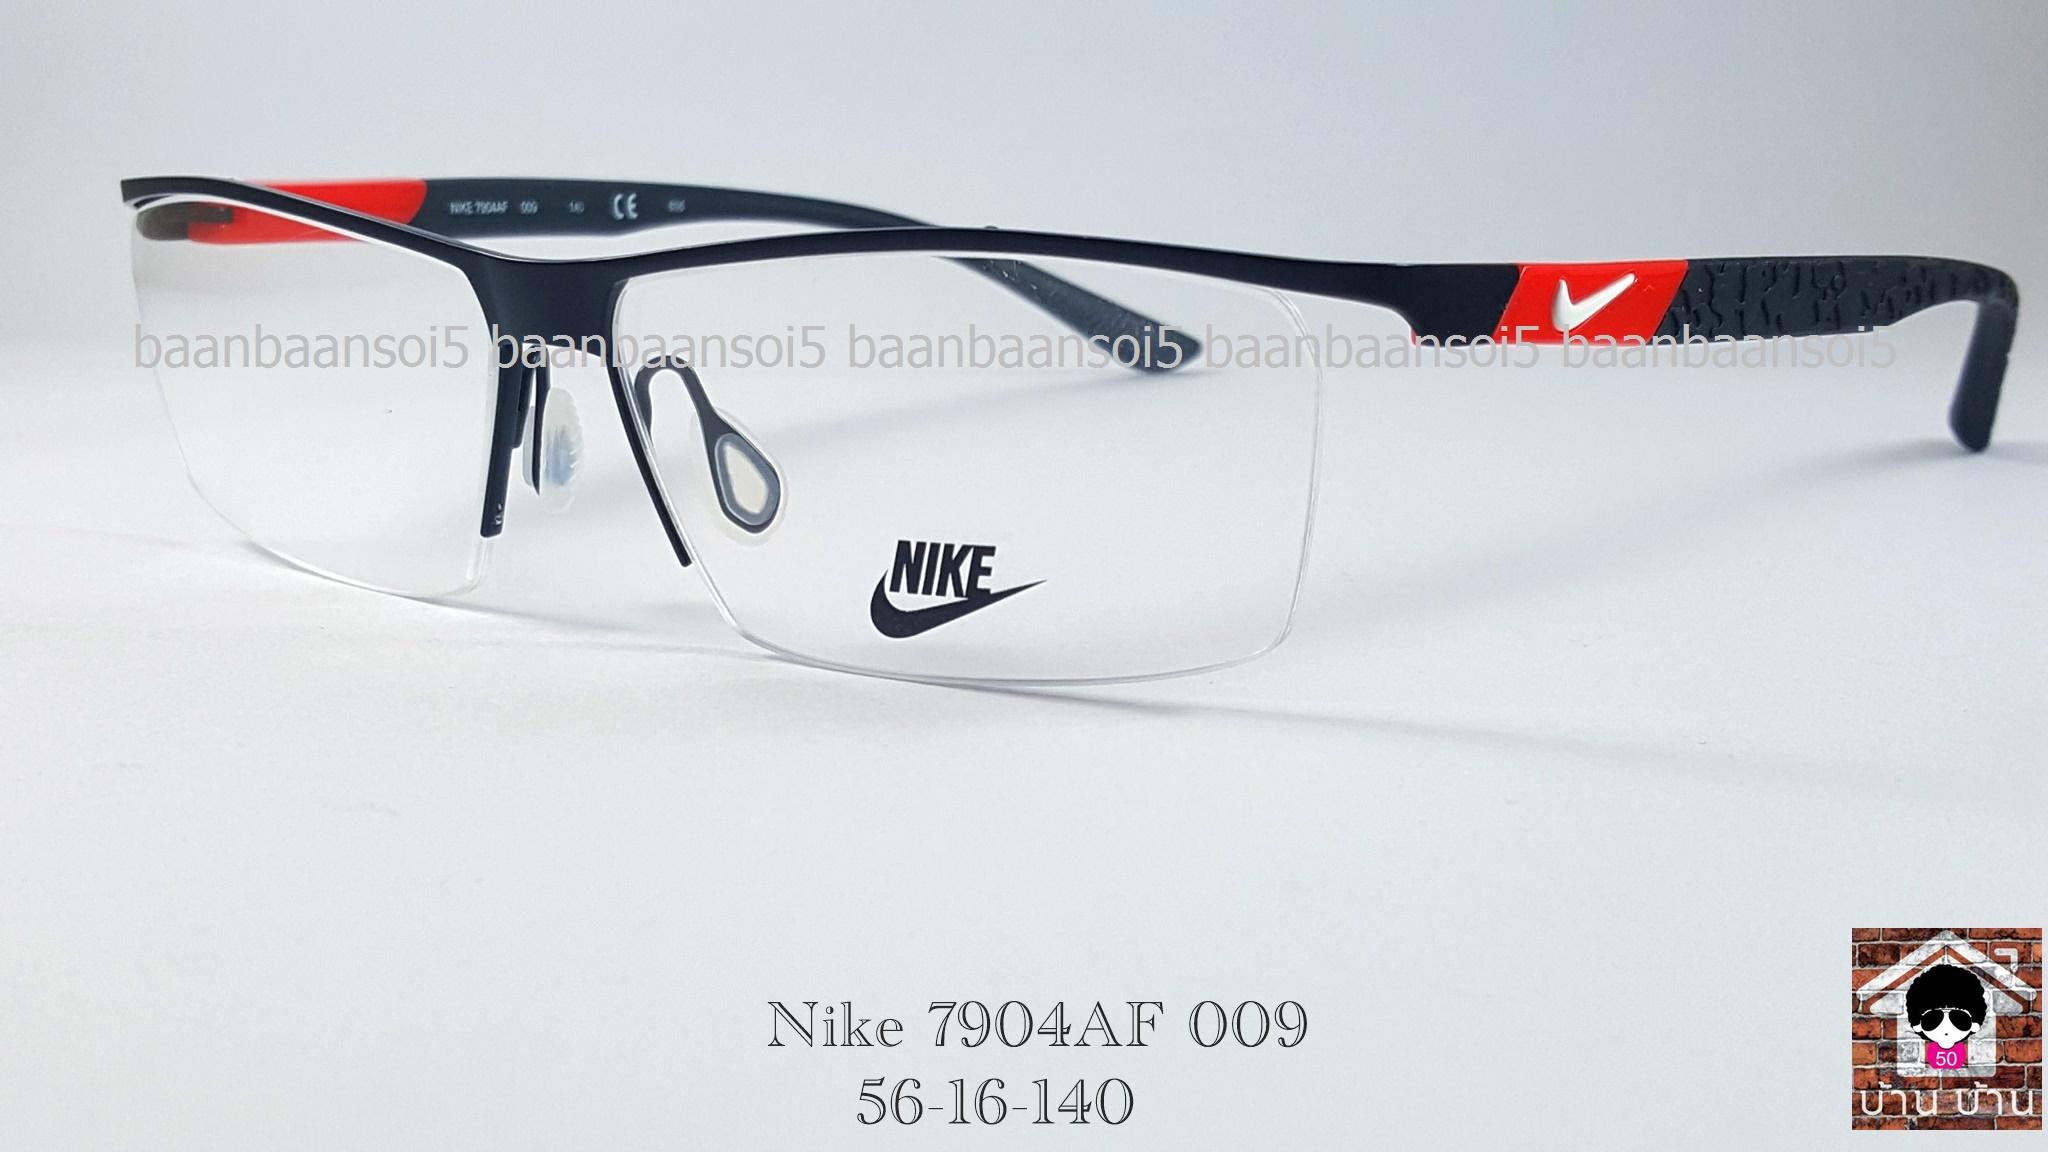 NIKE BRAND ORIGINALแท้ 7904AF 009 กรอบแว่นตาพร้อมเลนส์ มัลติโค๊ตHOYA ป้องกันรังสีคอม 4,200 บาท